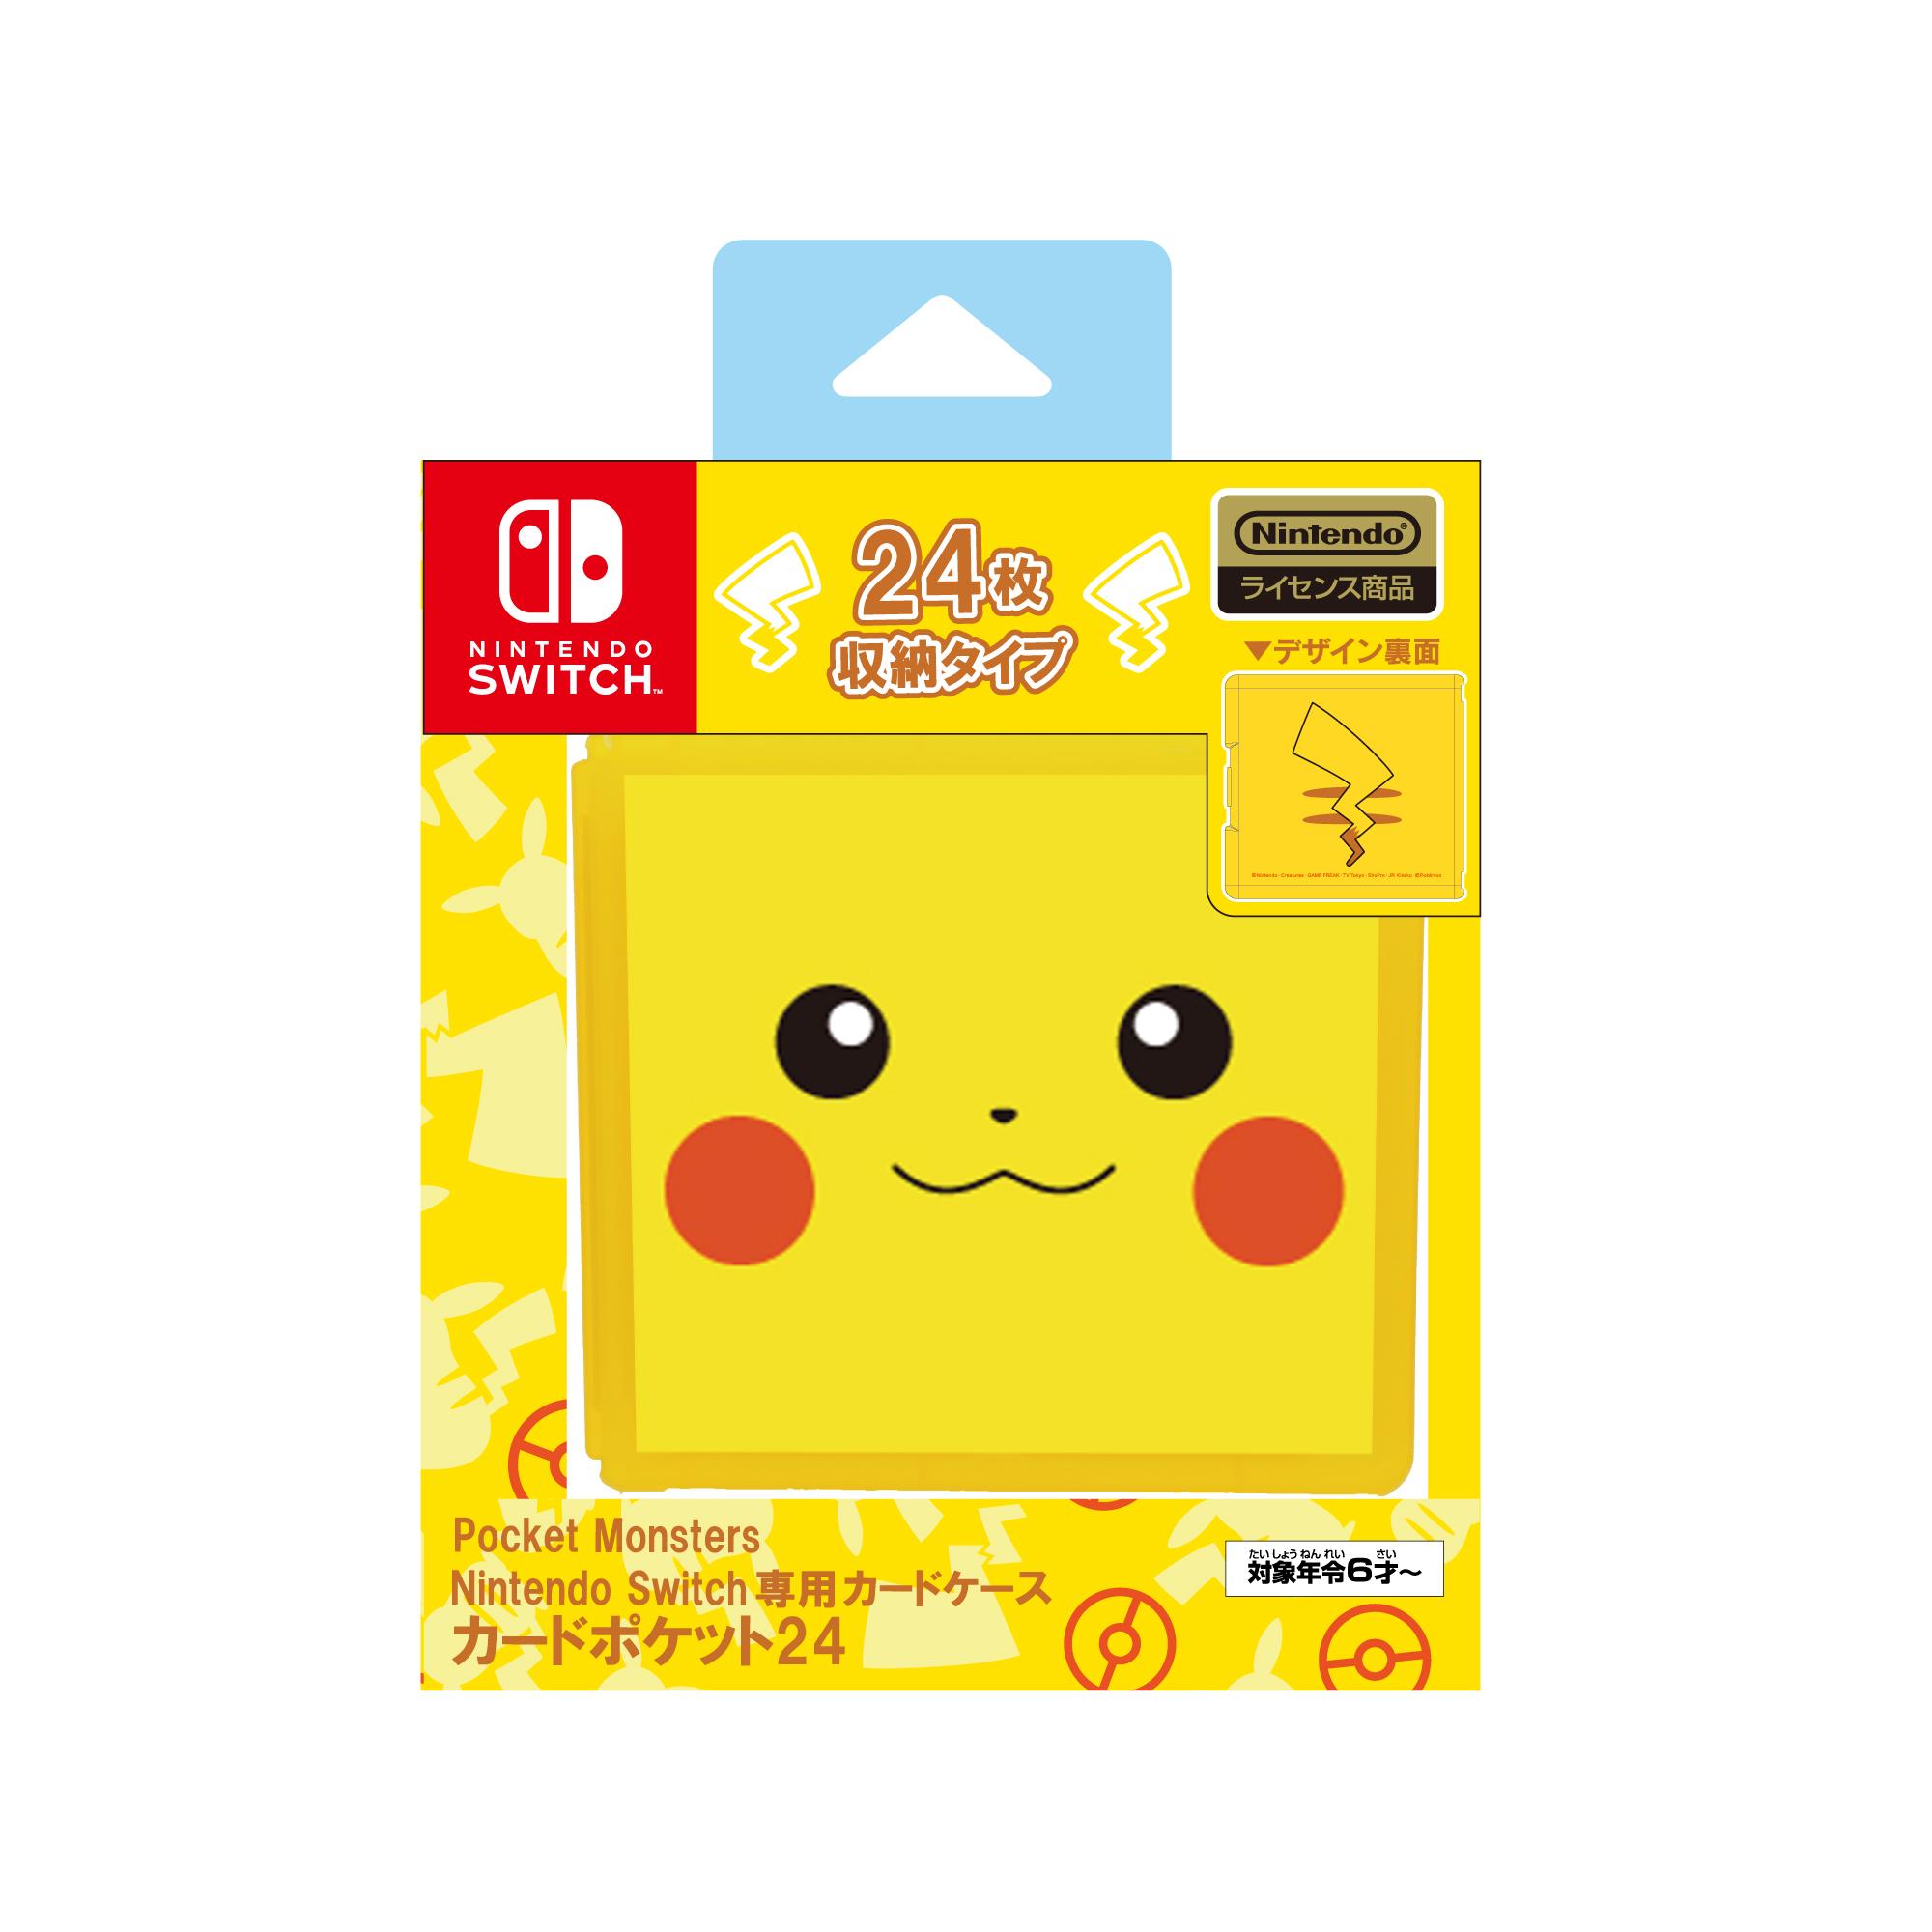 Nintendo Switch専用カードケース<br>カードポケット24 ポケットモンスター<br>ピカチュウ